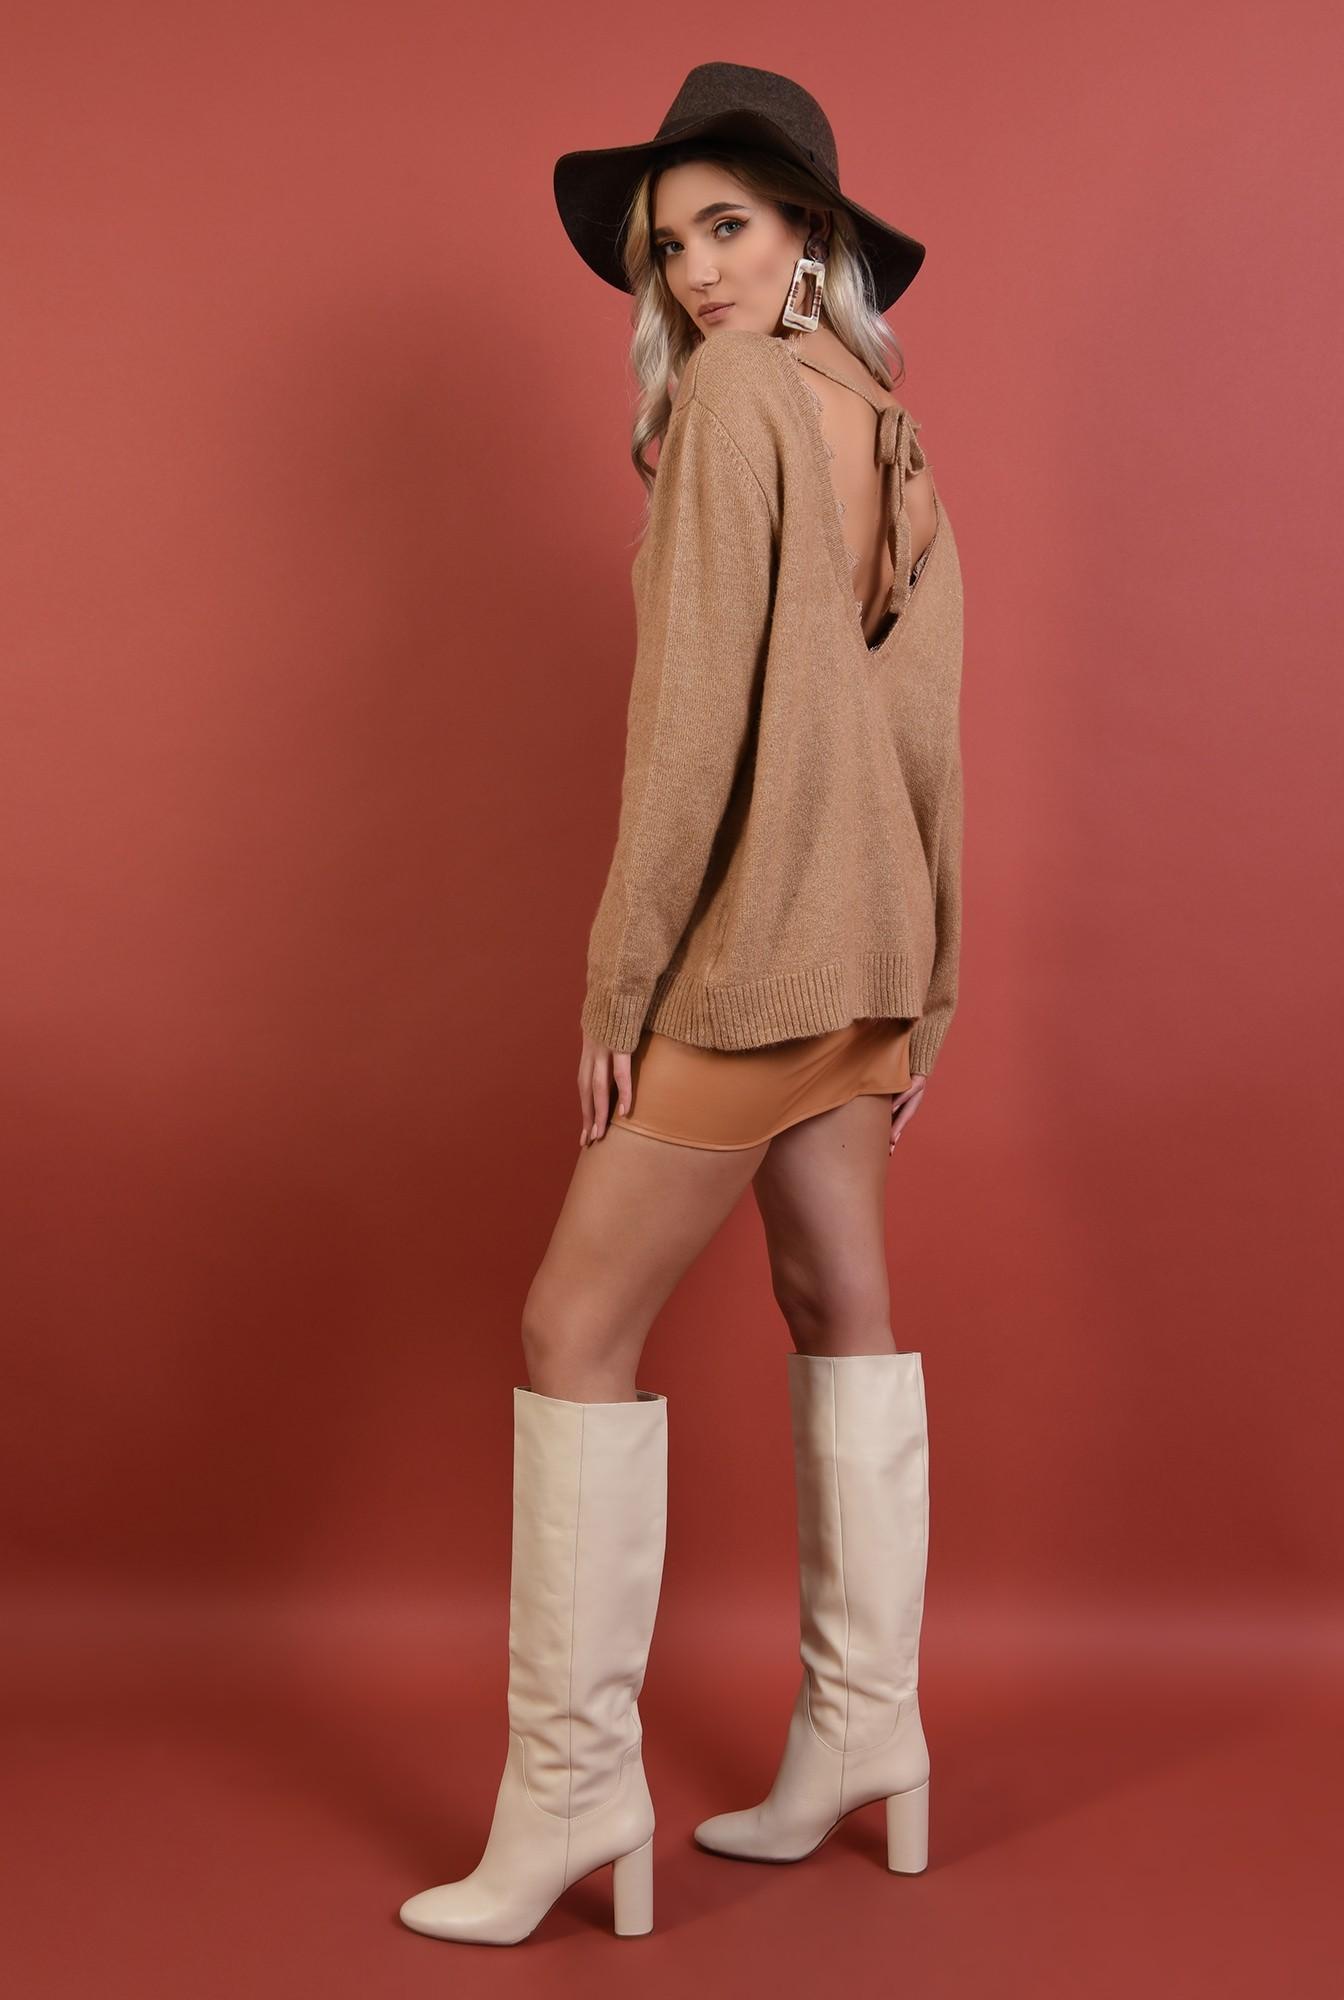 1 - pulover bej, croi drept lejer, anchior, spate decoltat cu funda, Poema